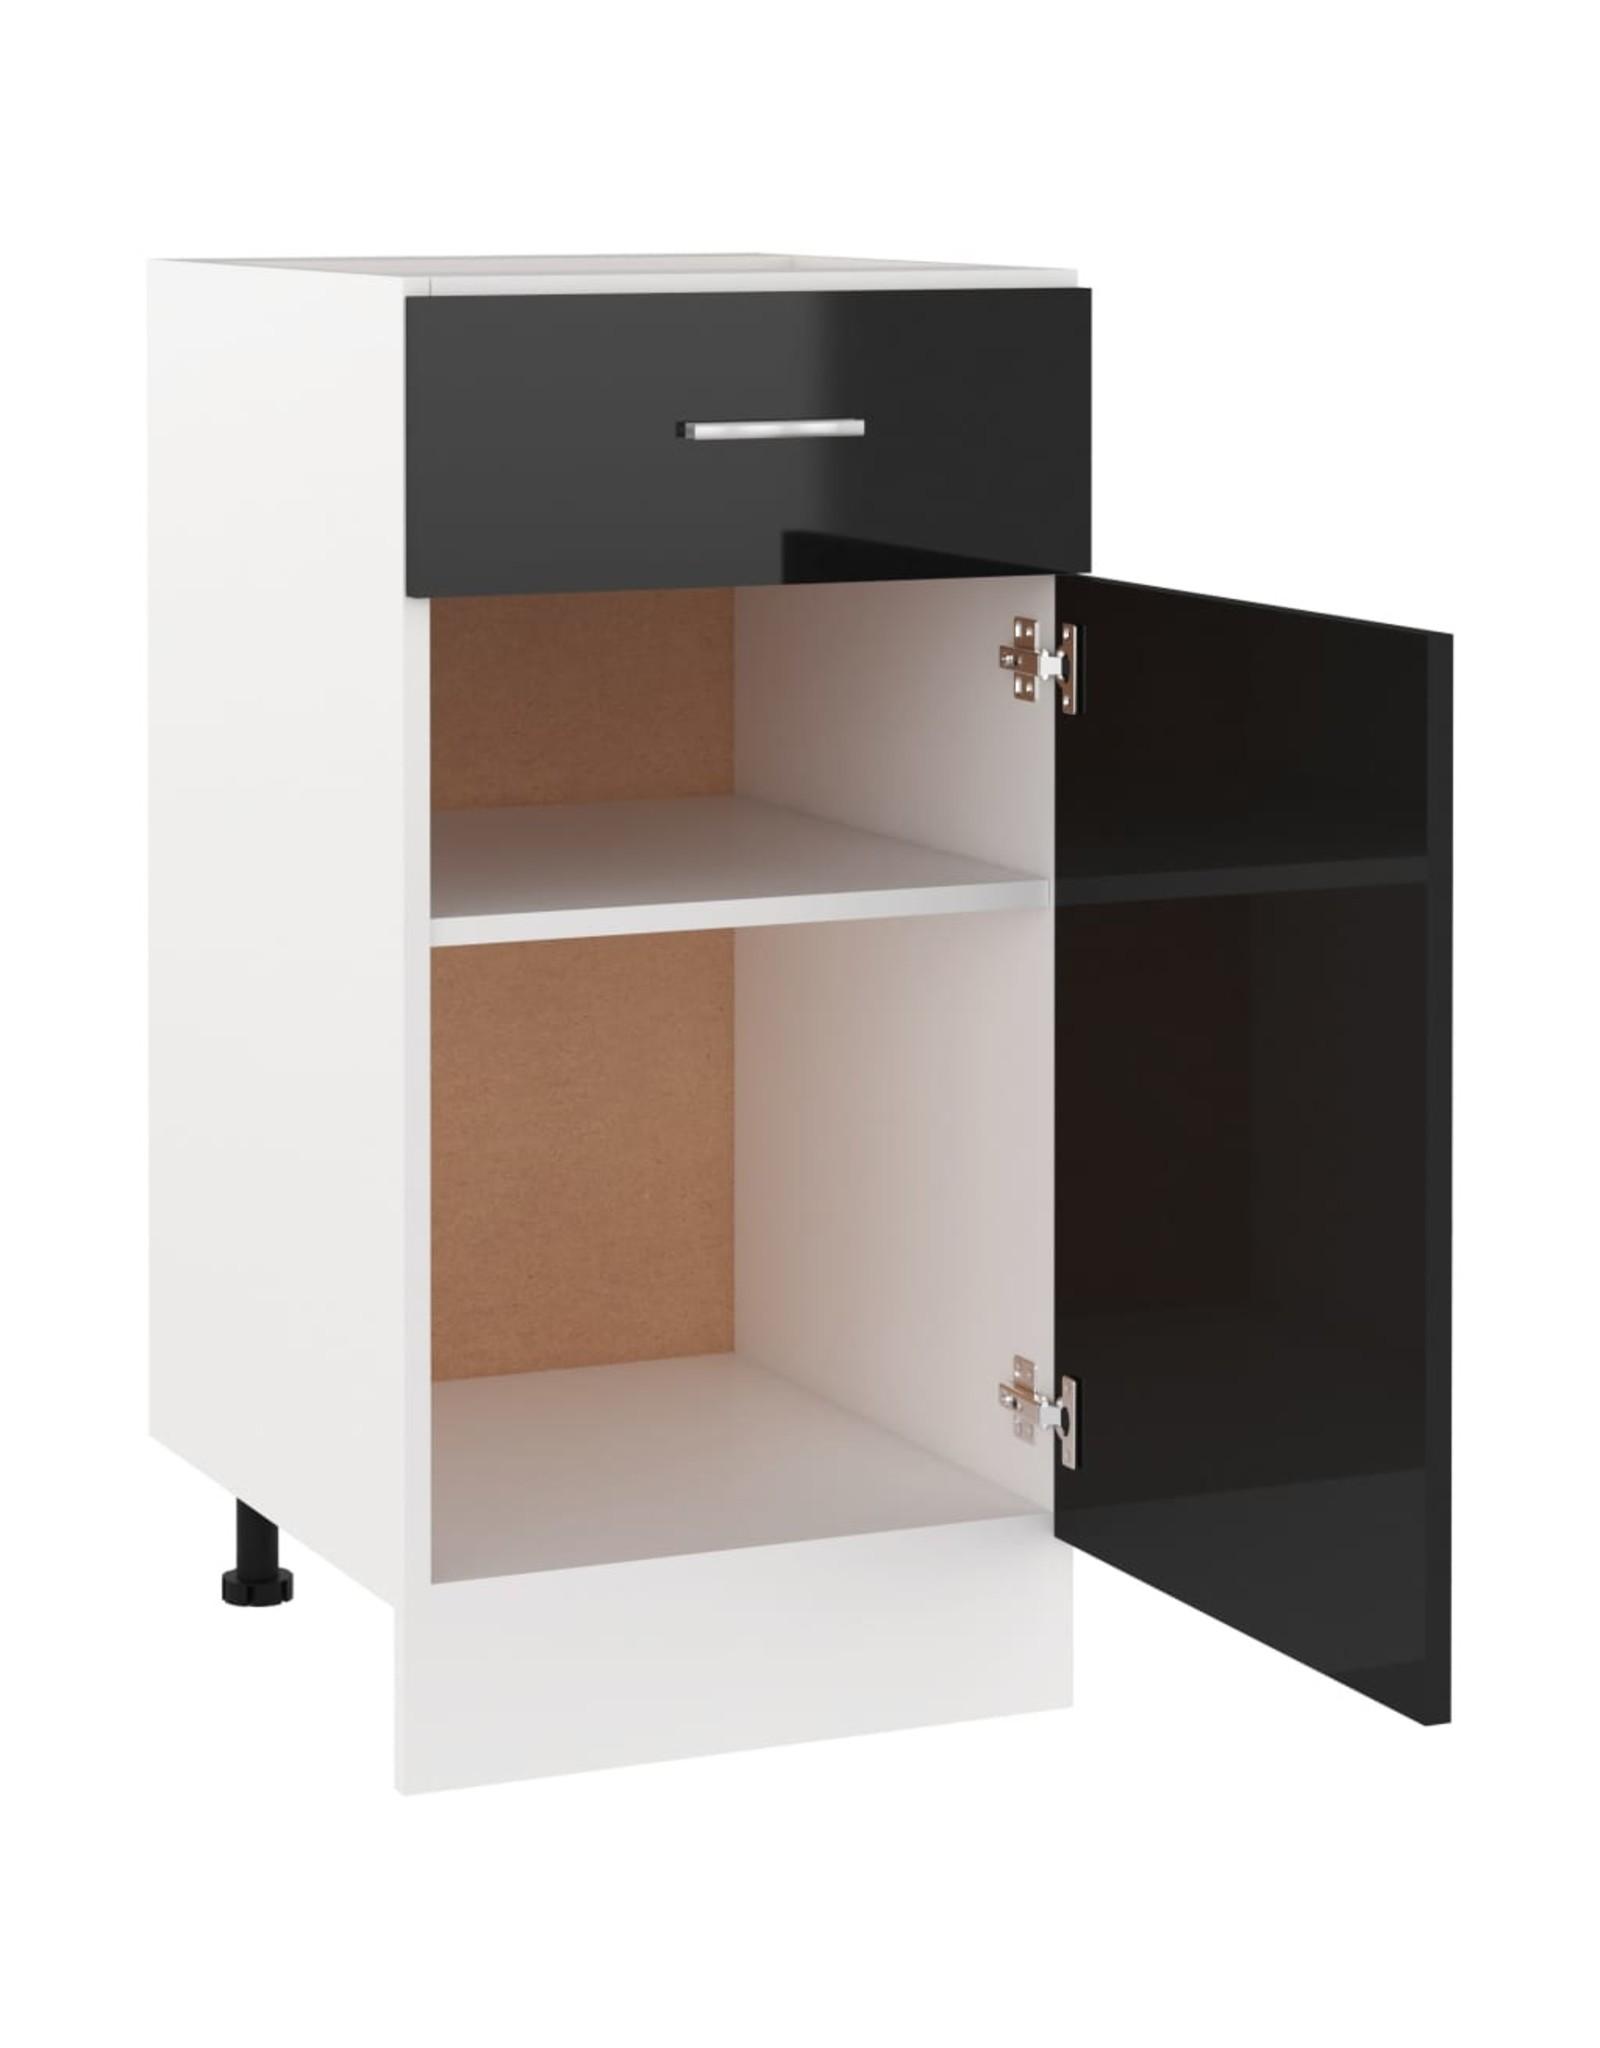 Onderkast met lade 40x46x81,5 cm spaanplaat hoogglans zwart